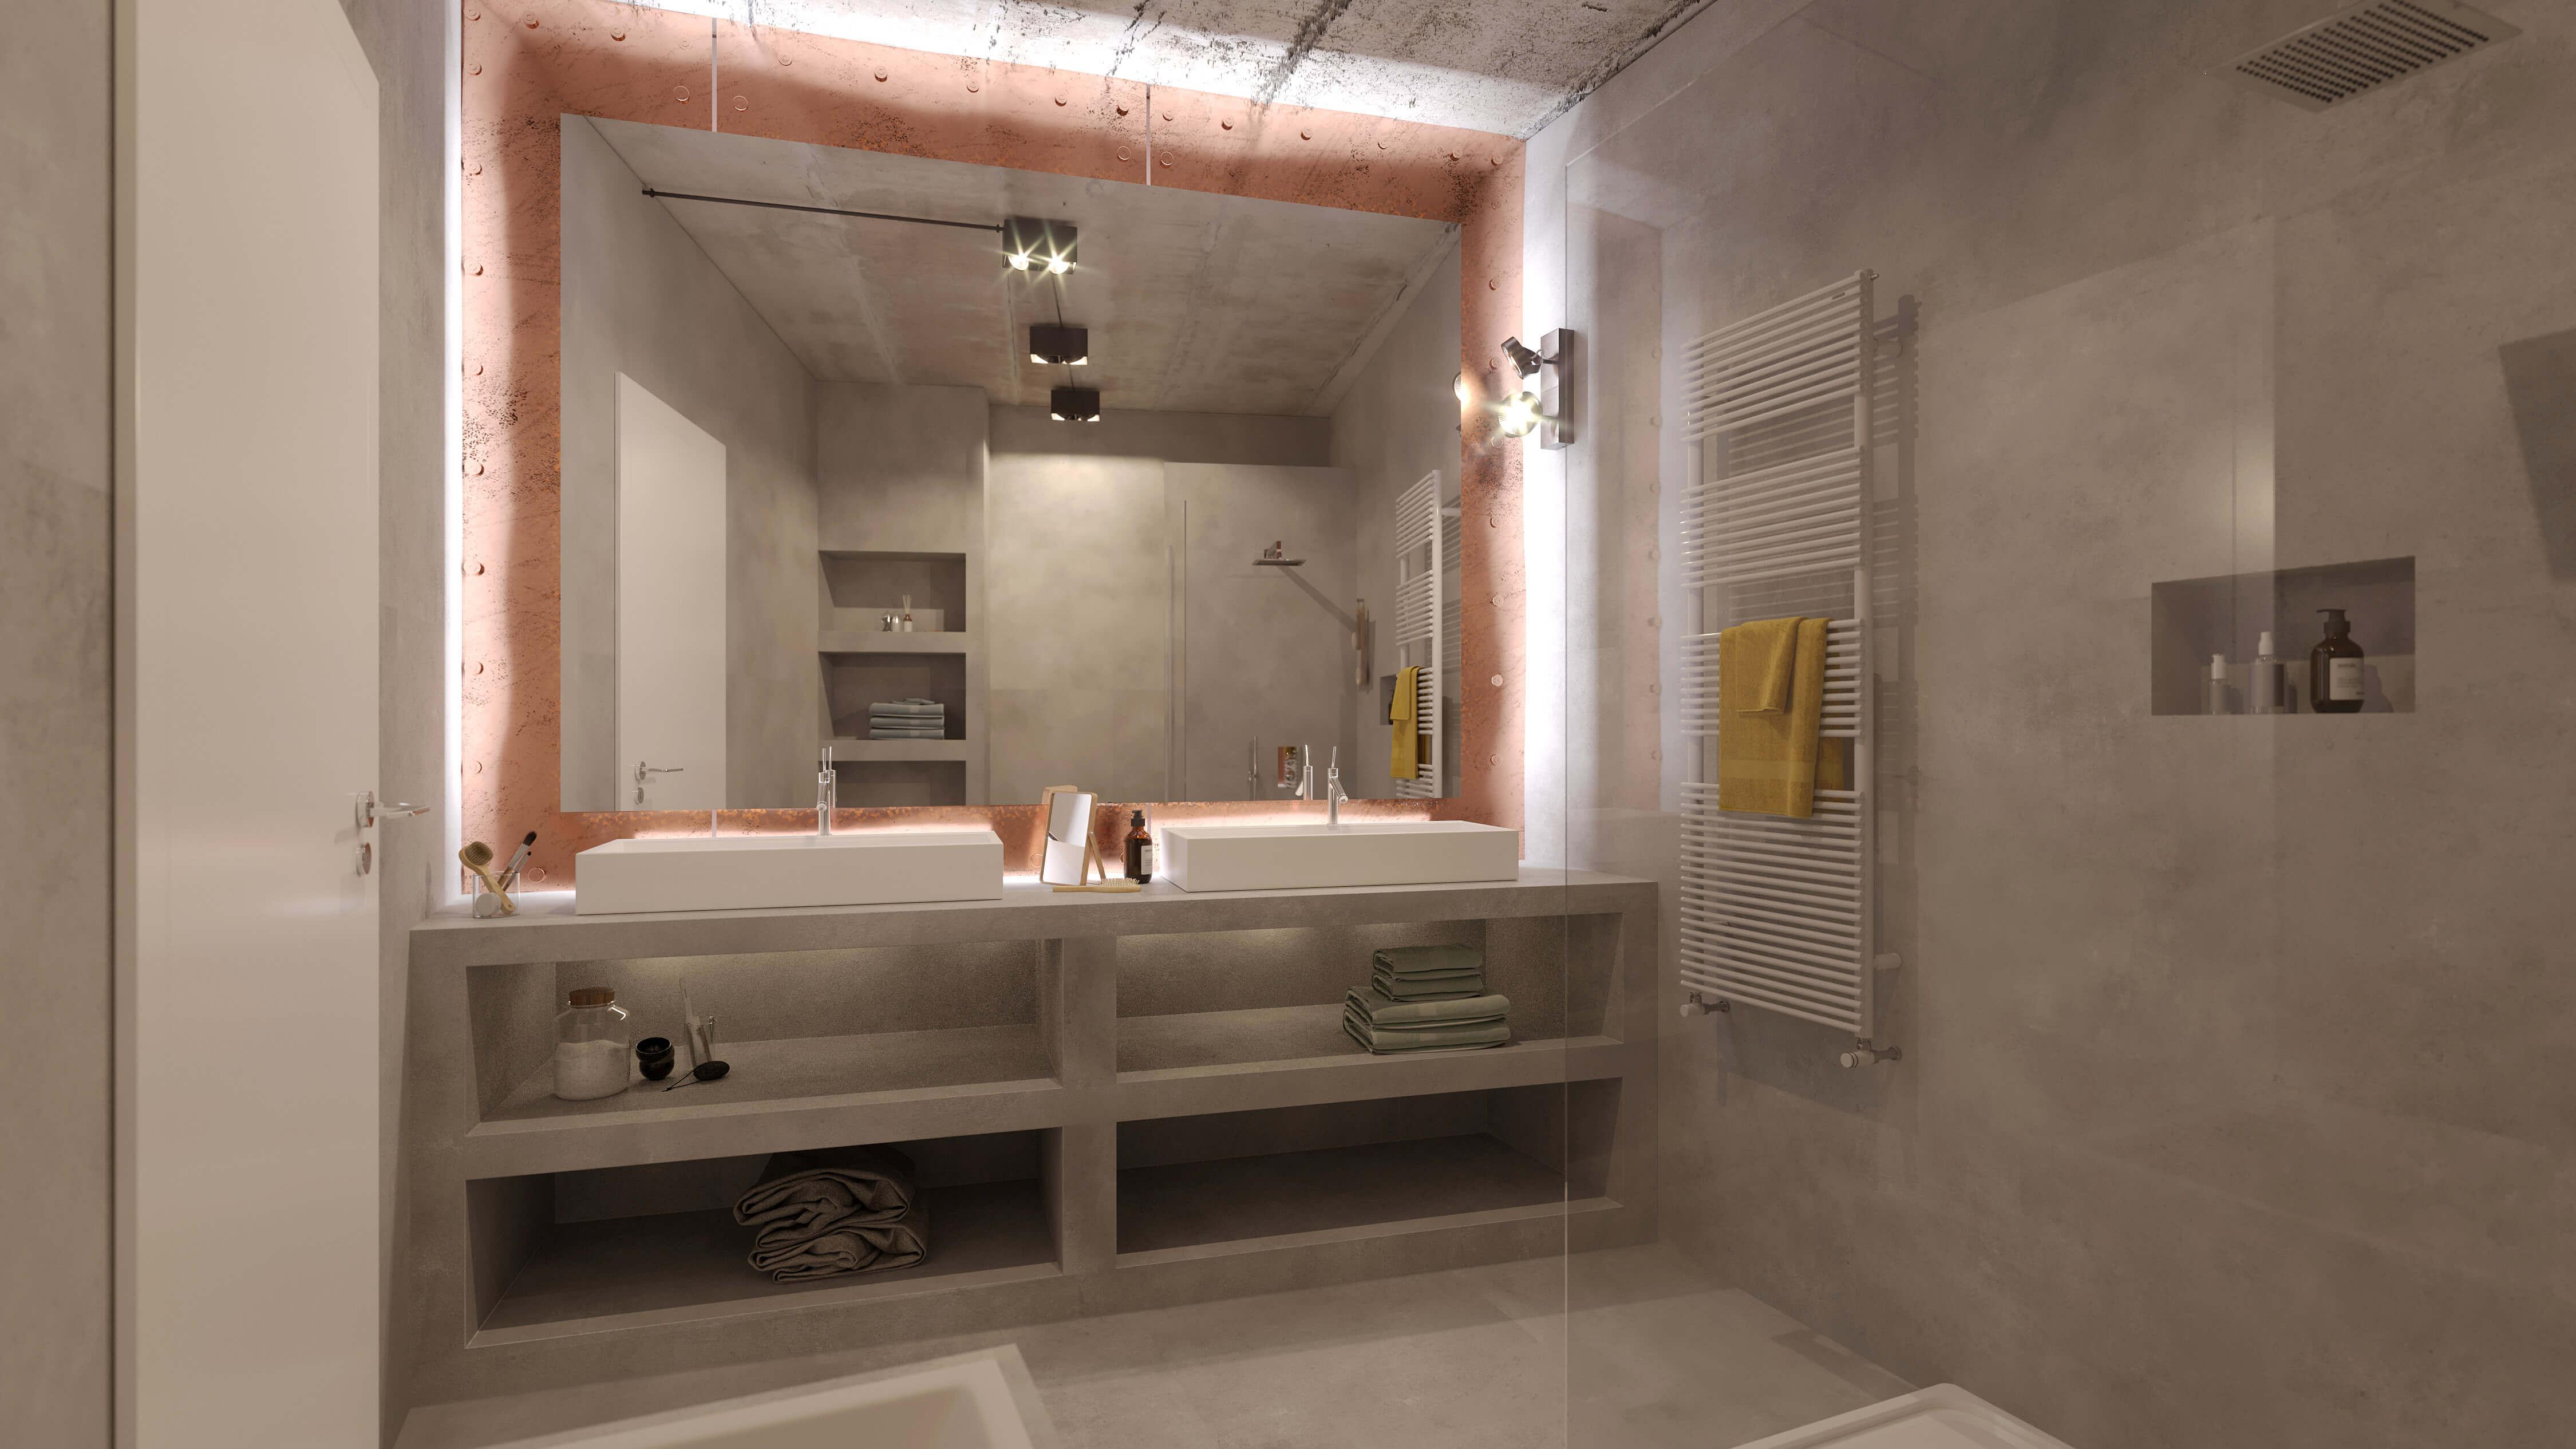 urbanstudio_stjohannis_badezimmer_kl